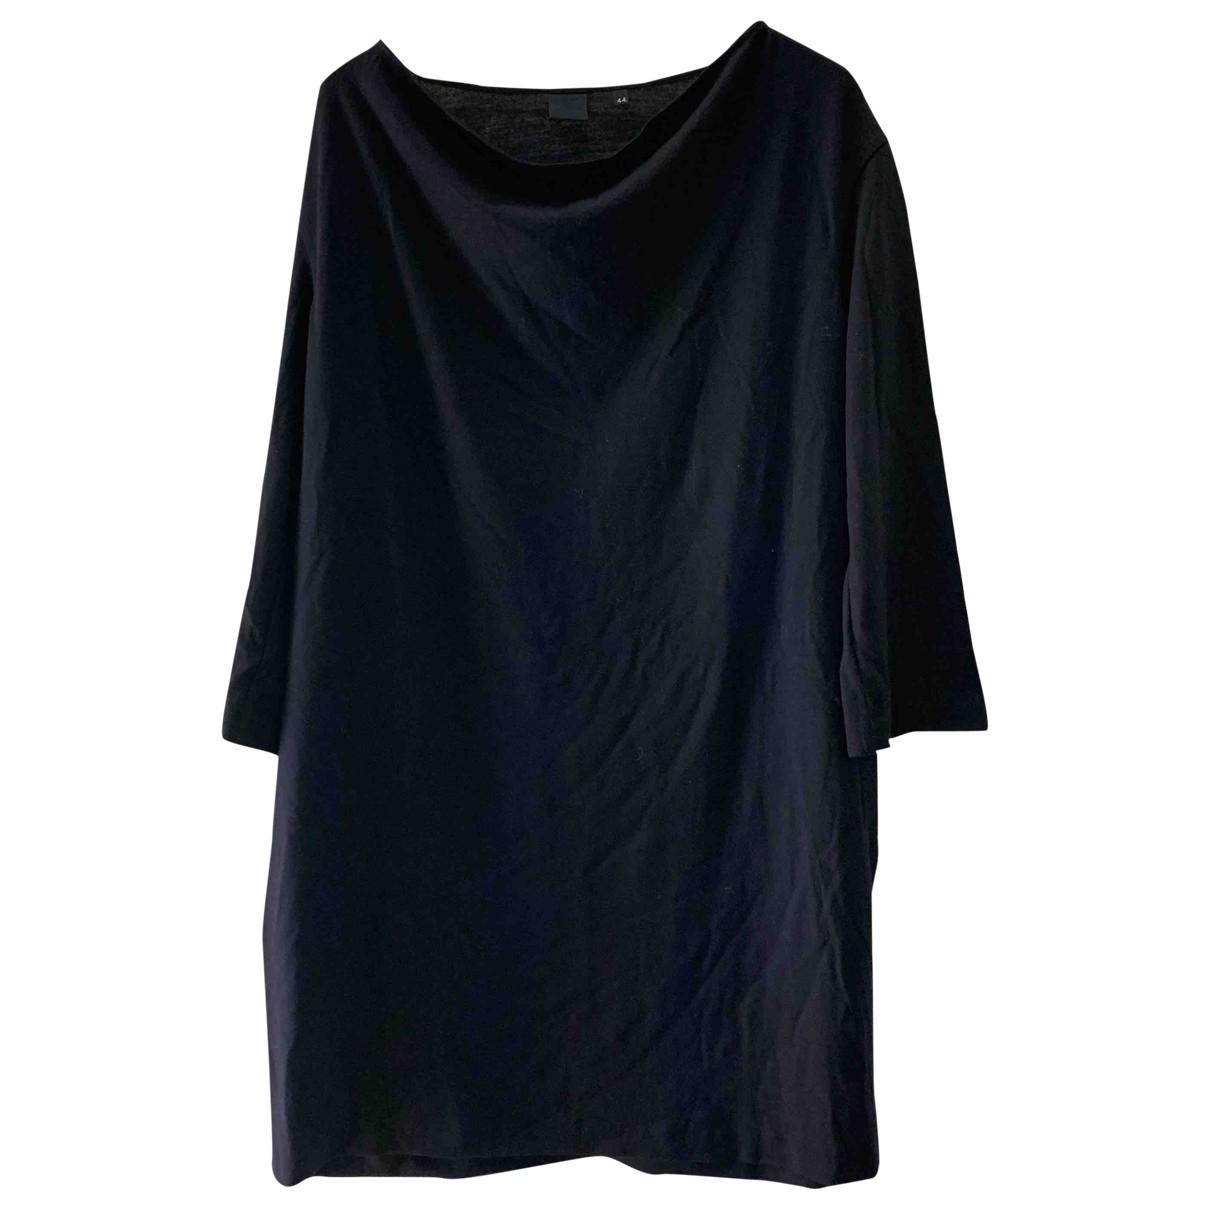 Aspesi \N Kleid in  Blau Wolle